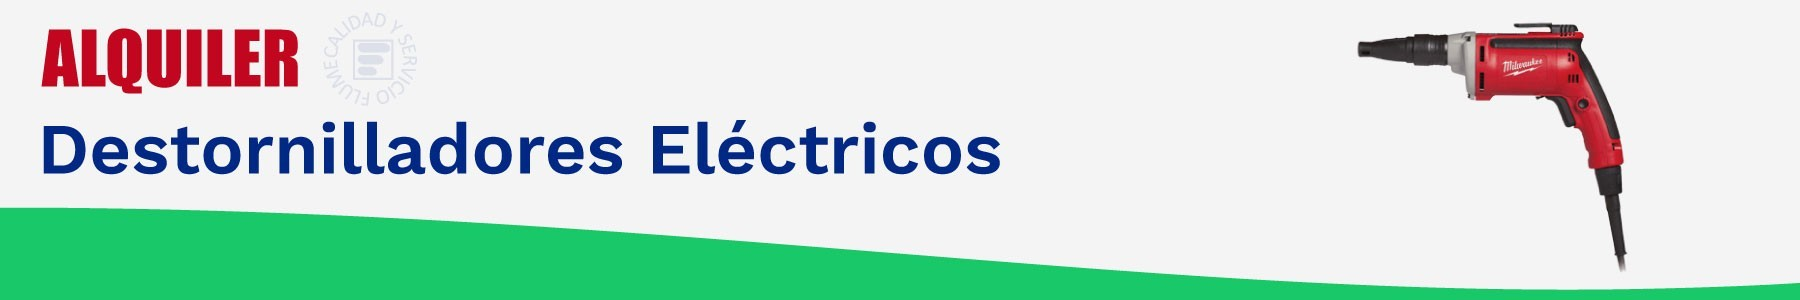 Alquiler destornilladores electricos